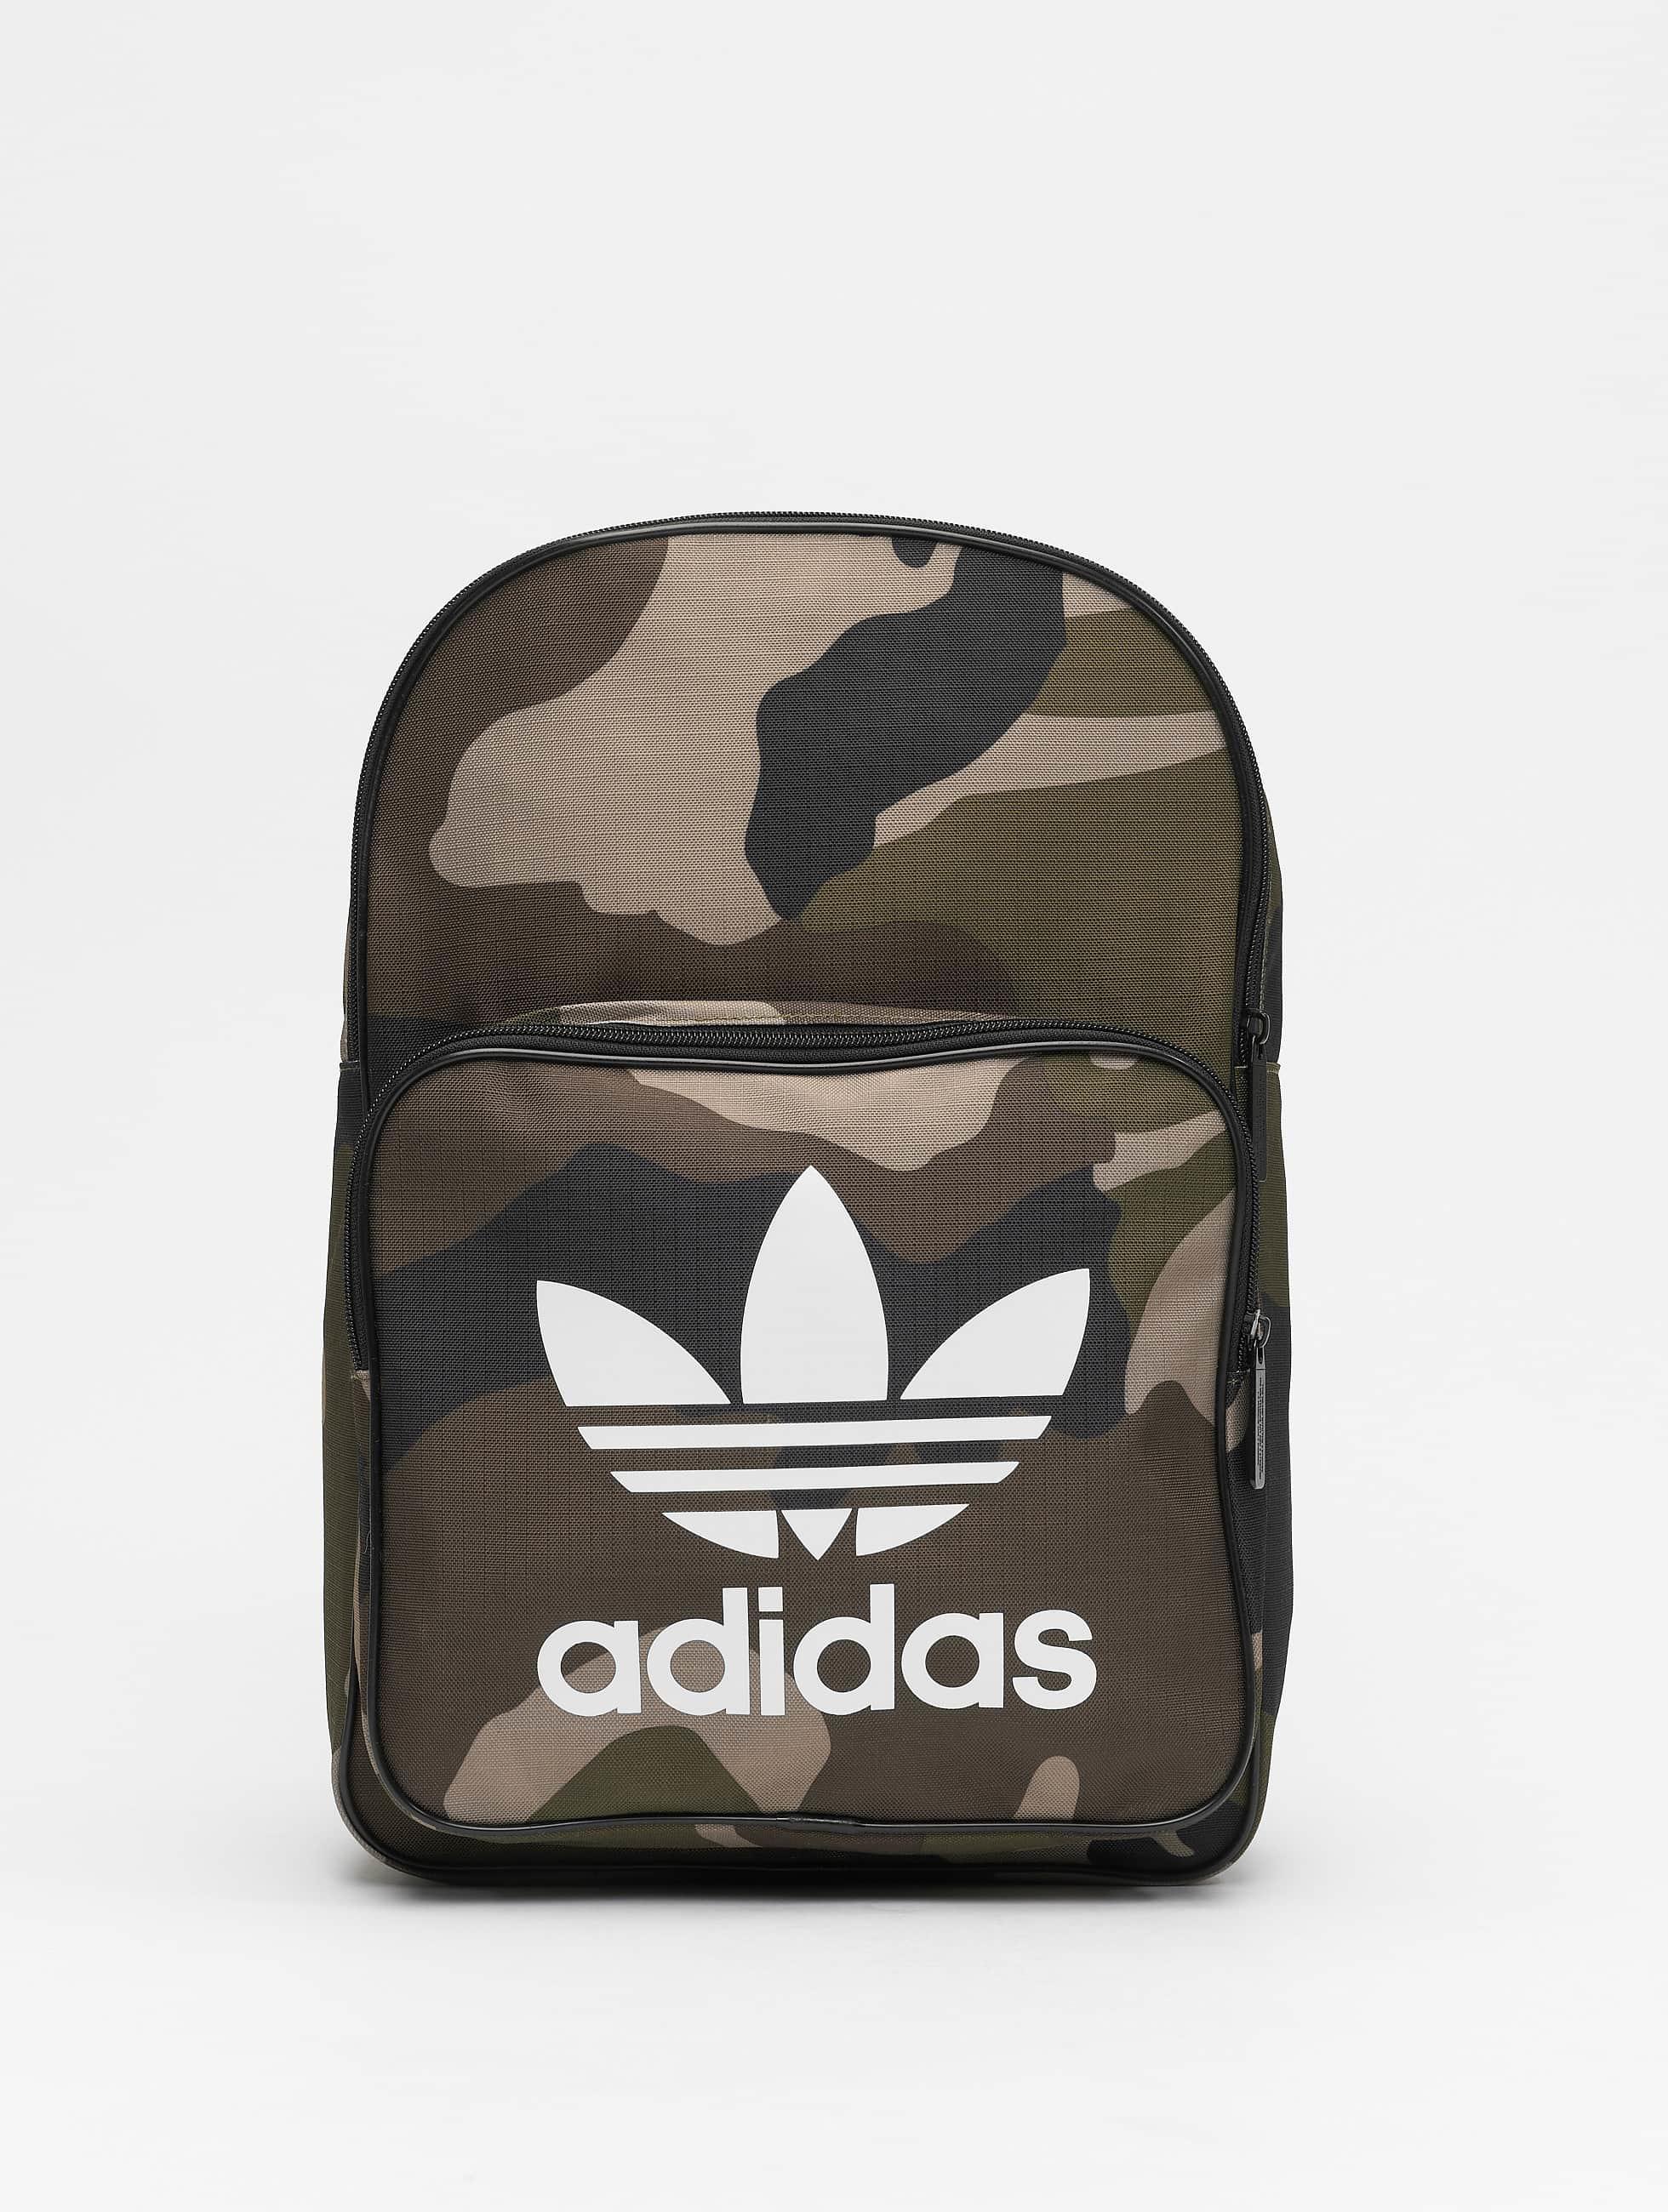 adidas Originals Classic Camo Backpack Black CargoWhite